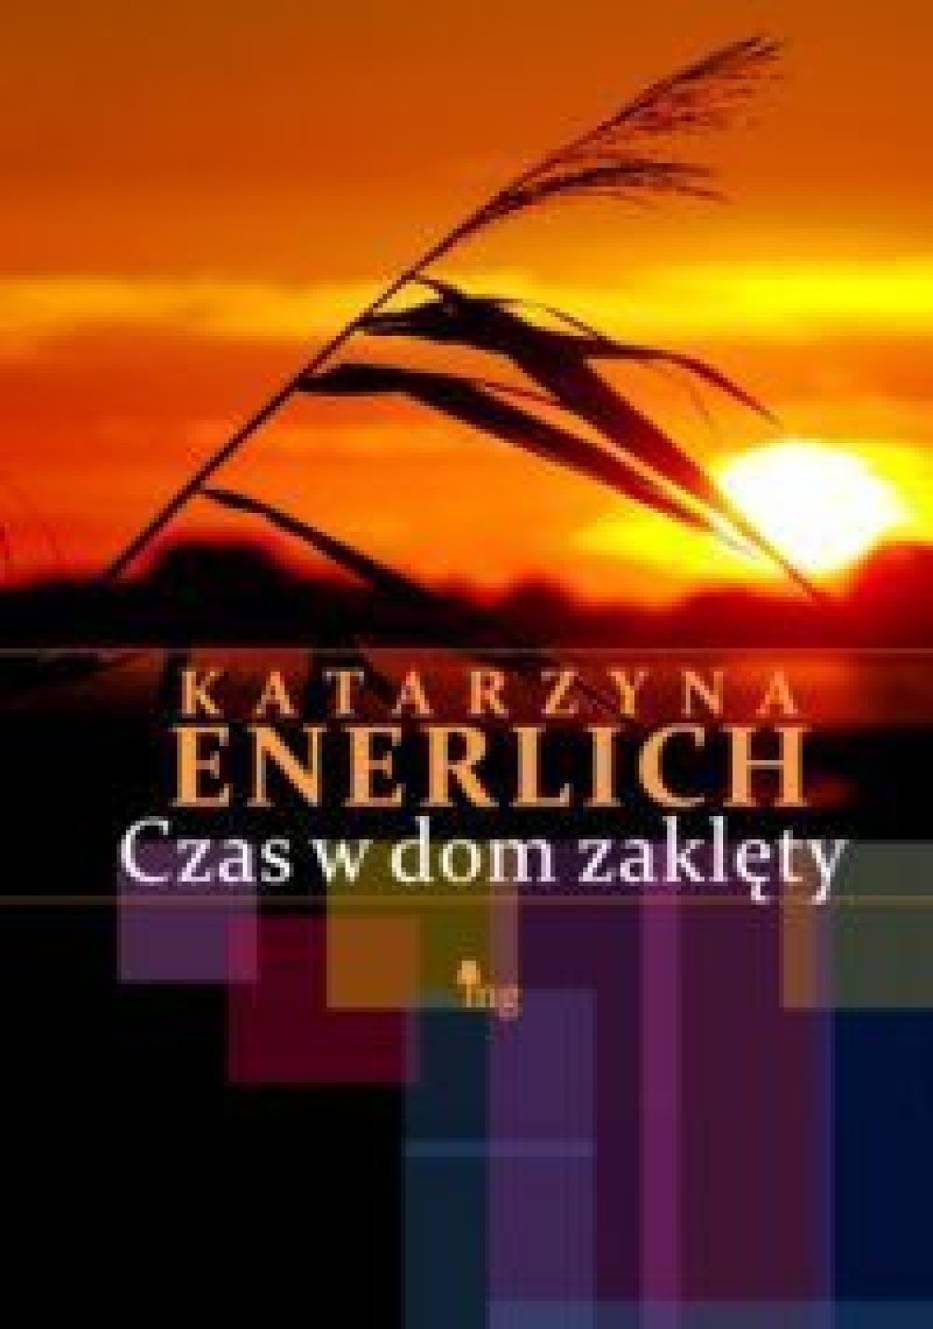 """Katarzyna Enerlich """"Czas w dom zamknięty"""""""